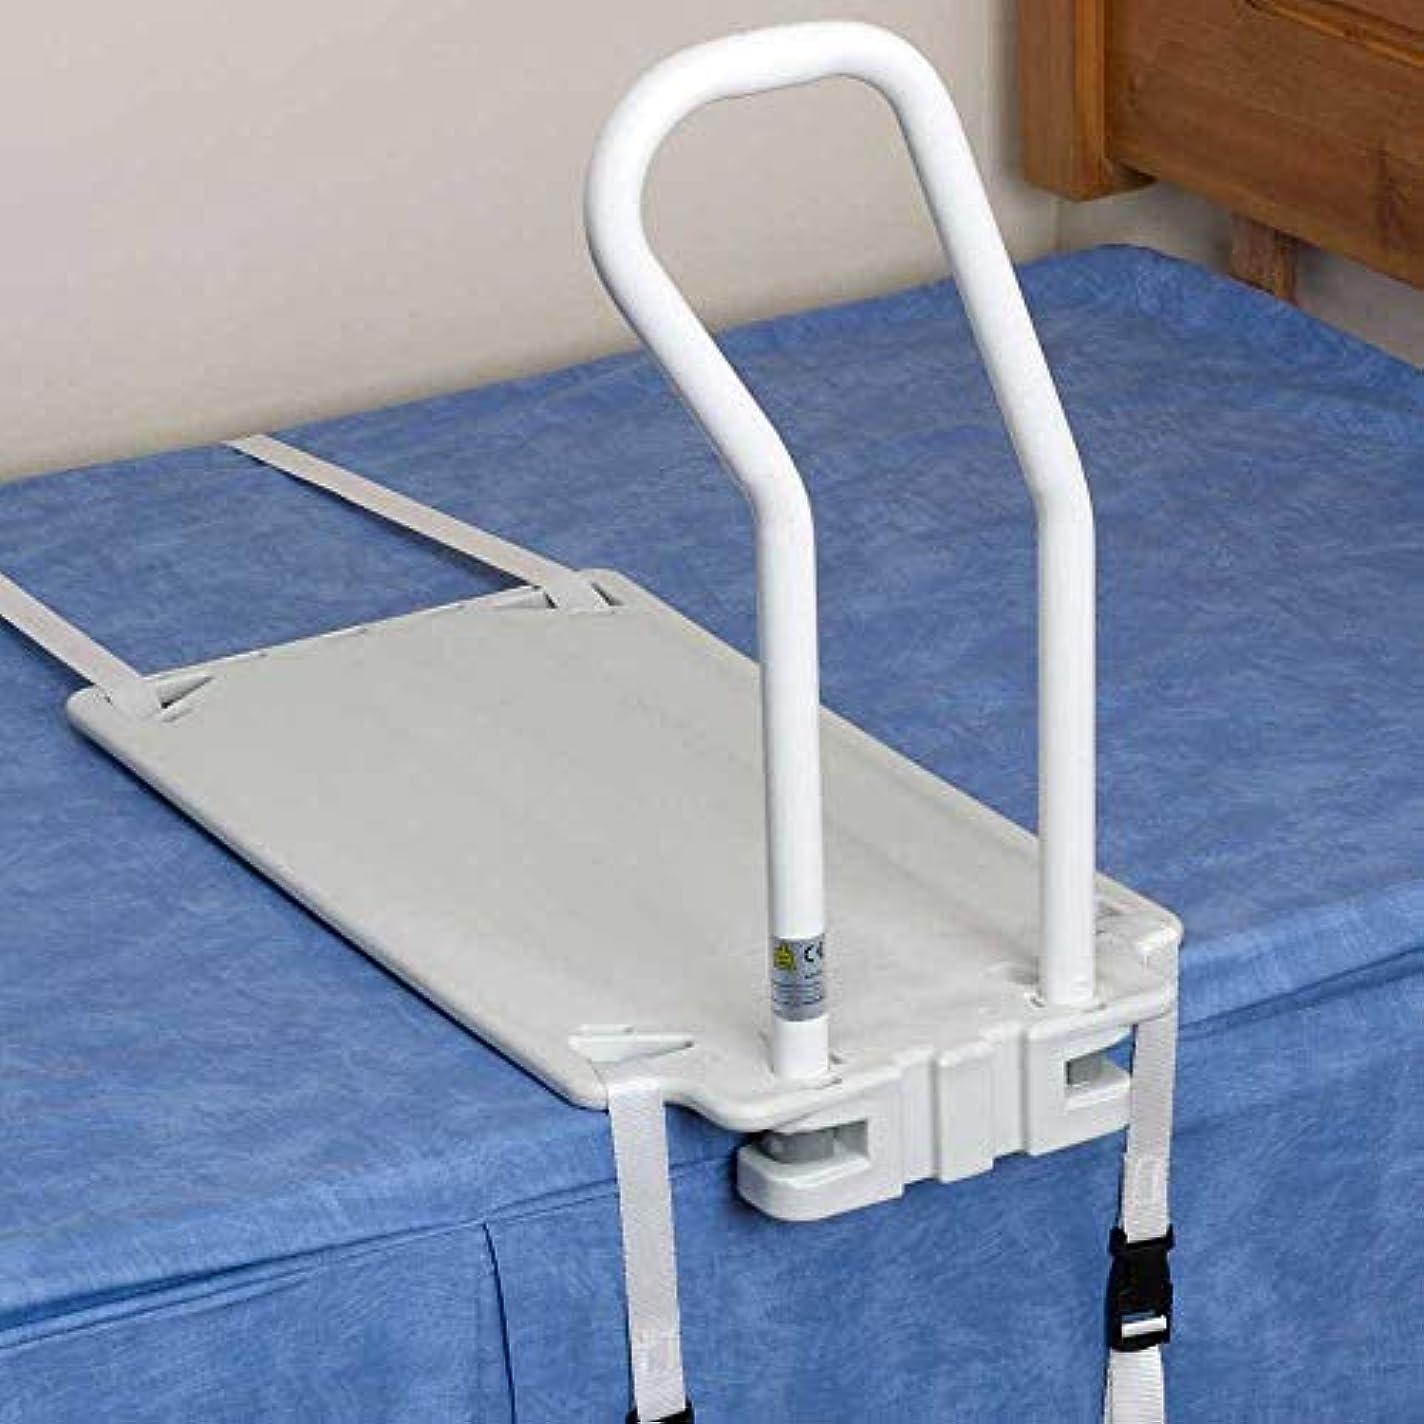 モバイルフリッパー関税ベッドサイド手すり、ベッドへの出入りの補助、安定補助具、高齢者用、身体障害者用、障害者用、ディバンベッドグラブハンドル